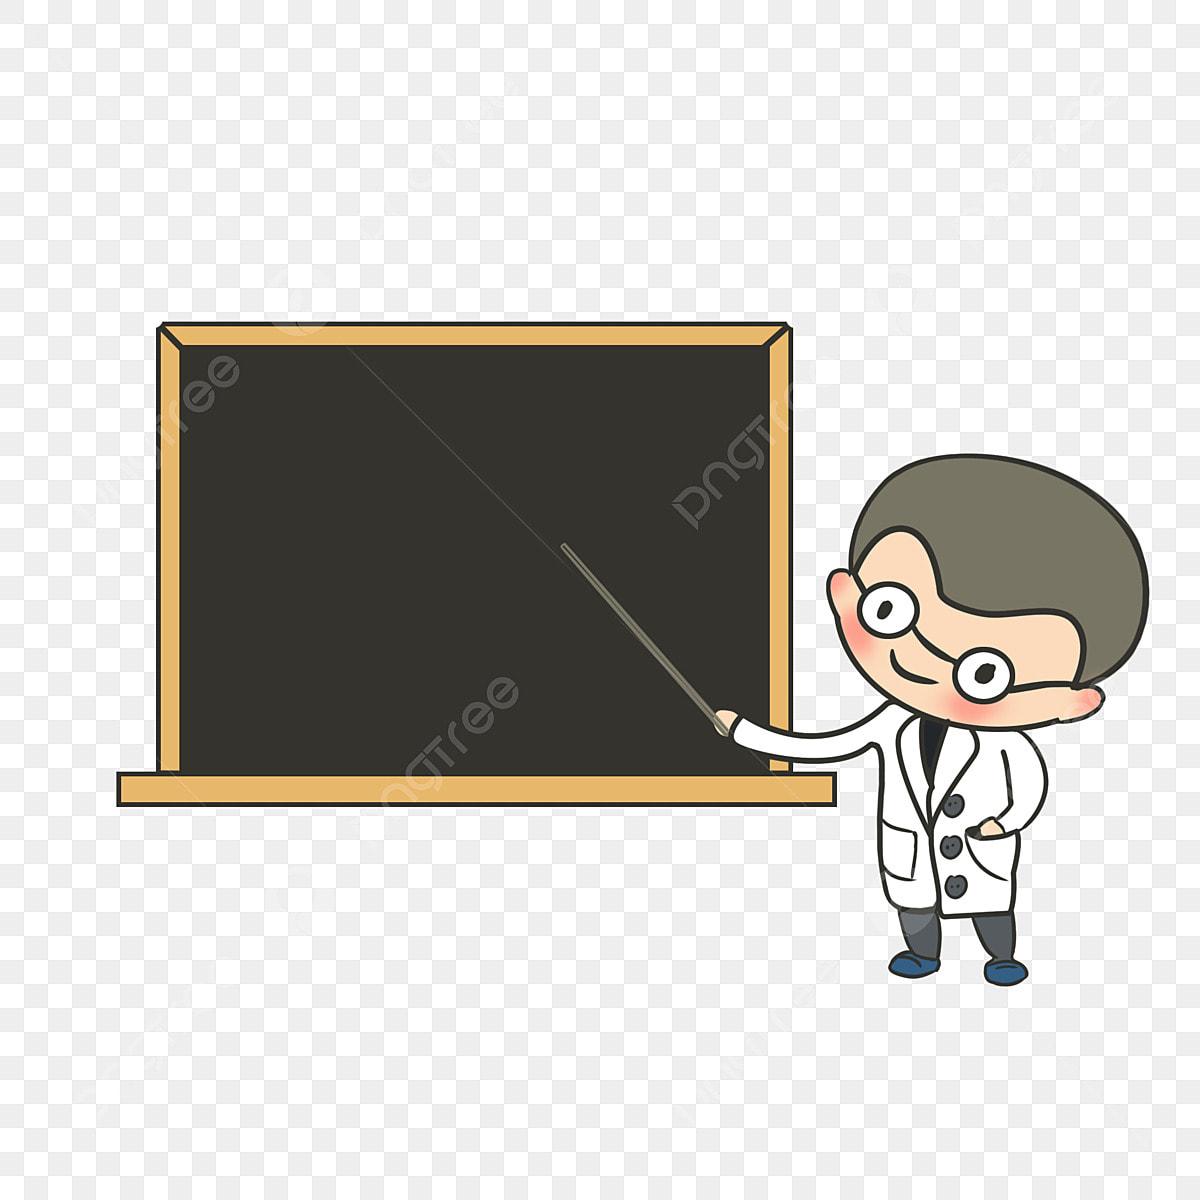 講師 黒い 中学受験をわらうというサイト。面白いから読んでしまうけど、この黒い講師は人間的に好きになれませんね。